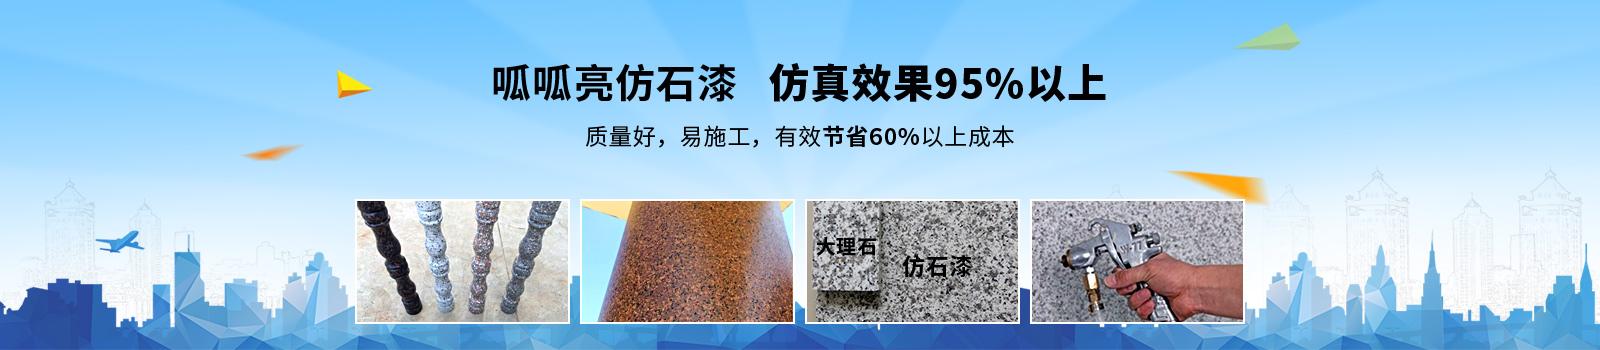 雷竞技raybet亮raybet雷竞技官网